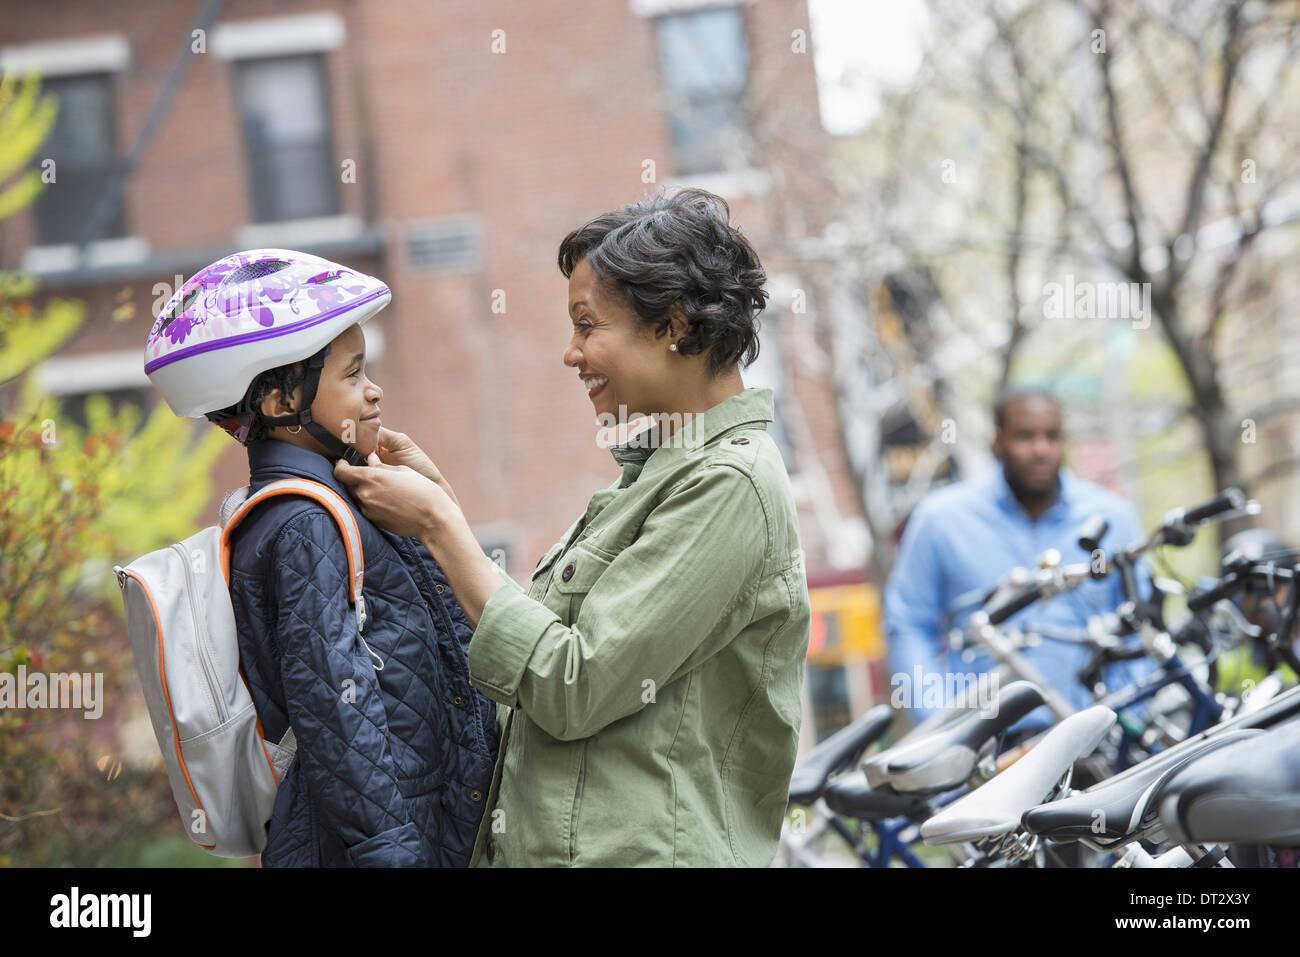 Un ragazzo in un casco ciclo essendo fissata da sua madre a fianco di un portabicicletta Immagini Stock